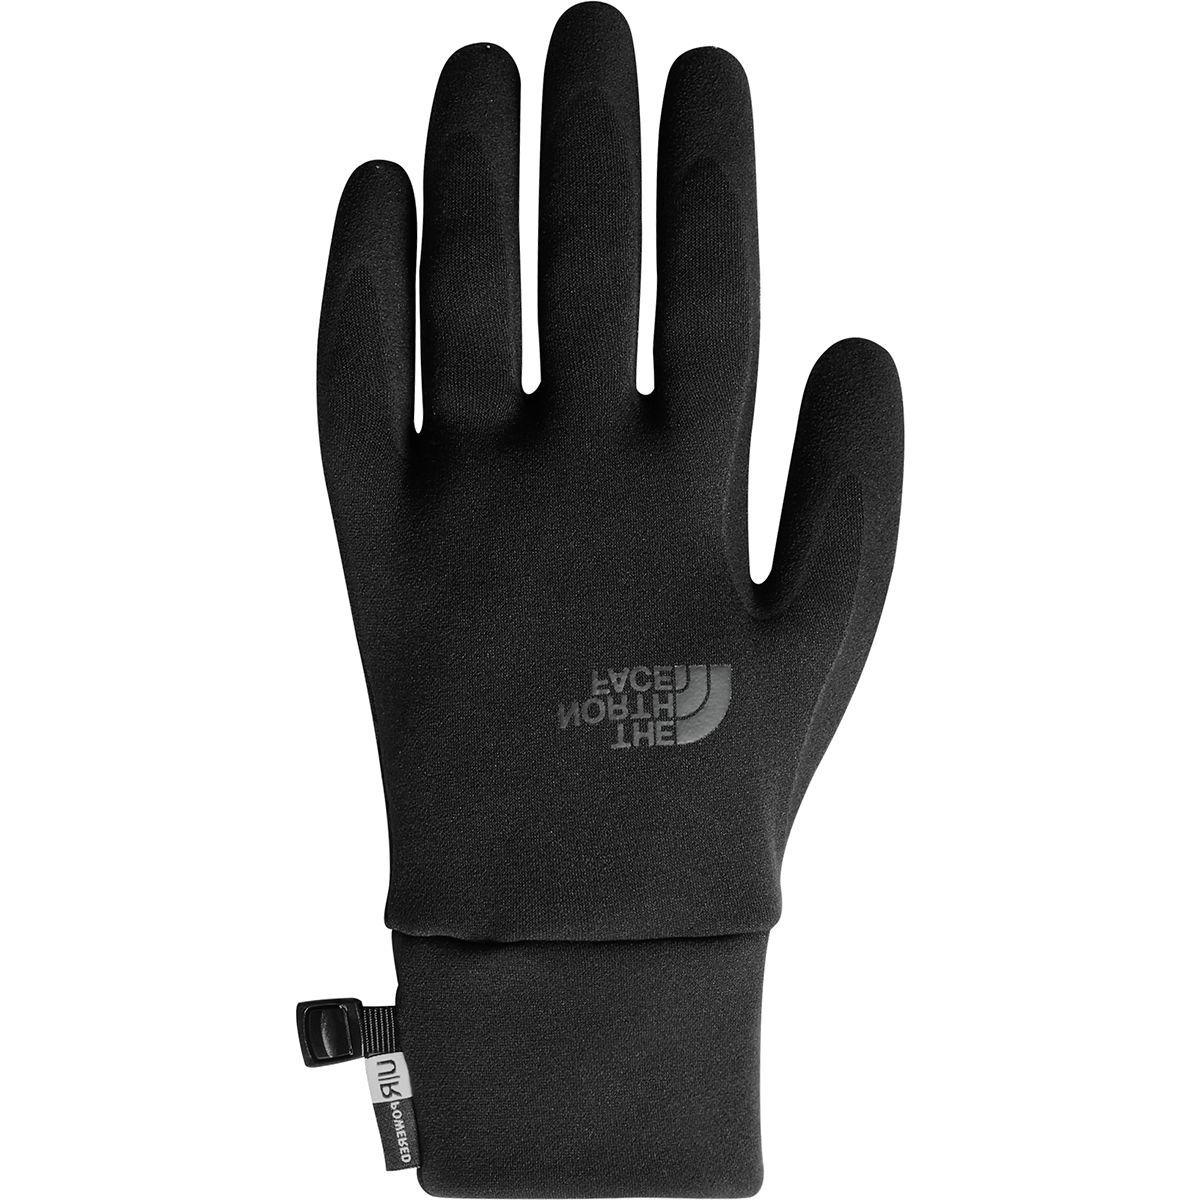 The North Face Etip Grip Glove - Women's